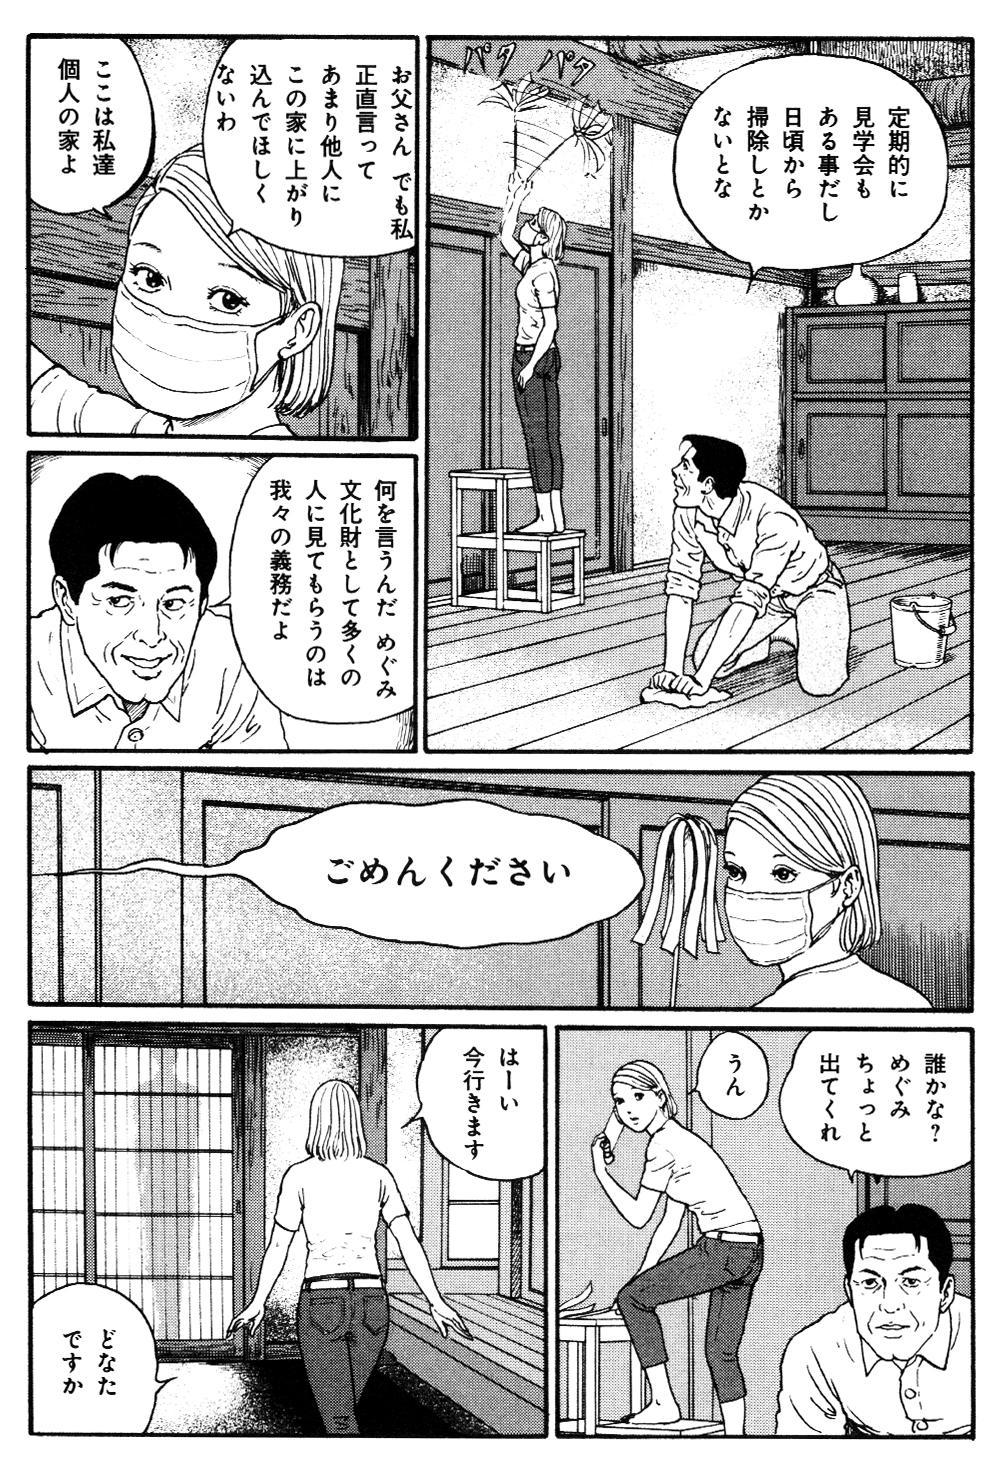 魔の断片 第2話「木造の怪」①manodanpen02-03.jpg